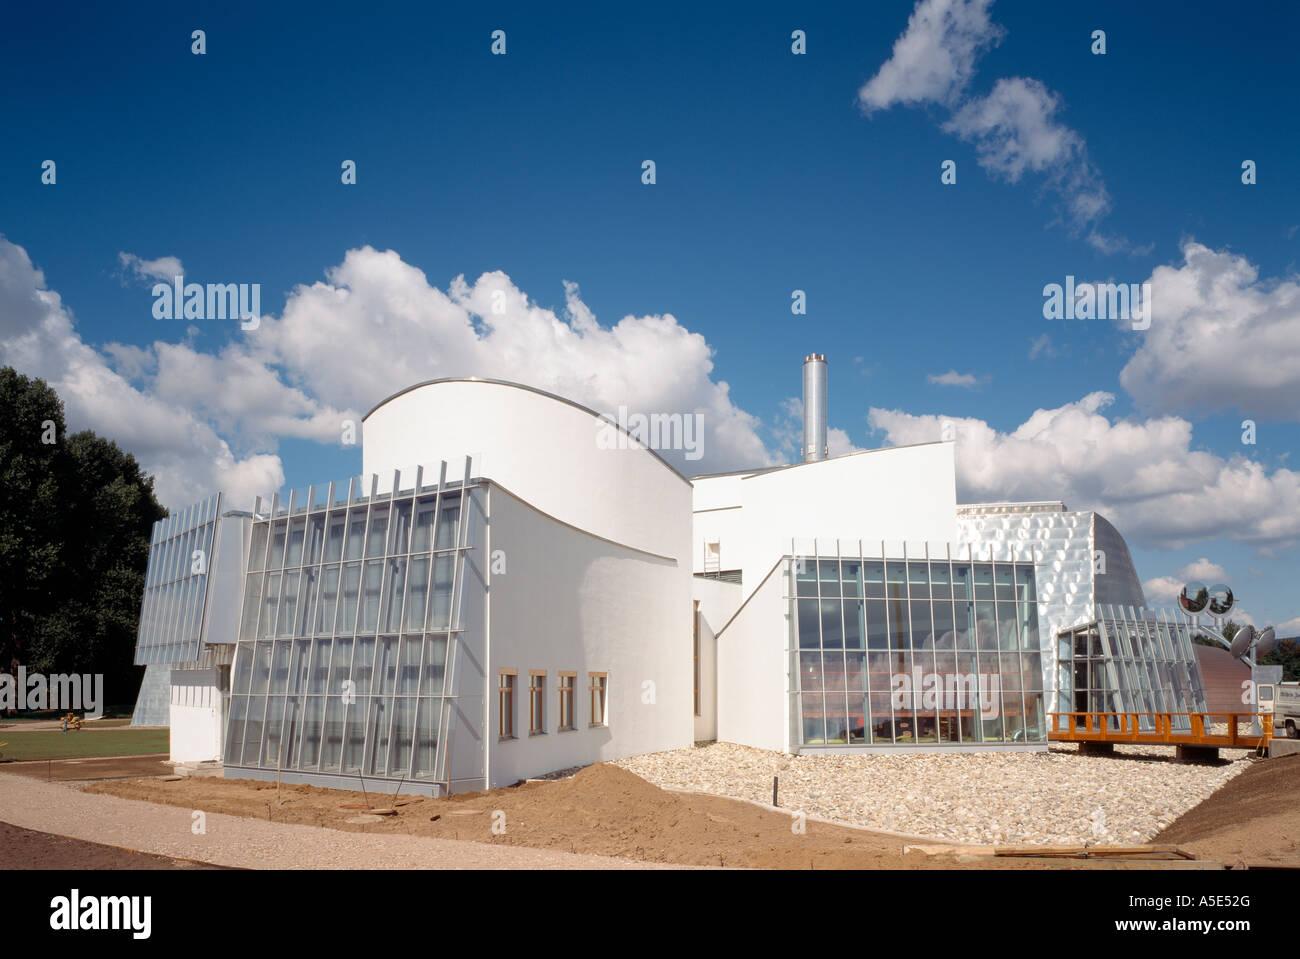 Architekt Minden bad oeynhausen energie forum des elektrizitätswerks minden